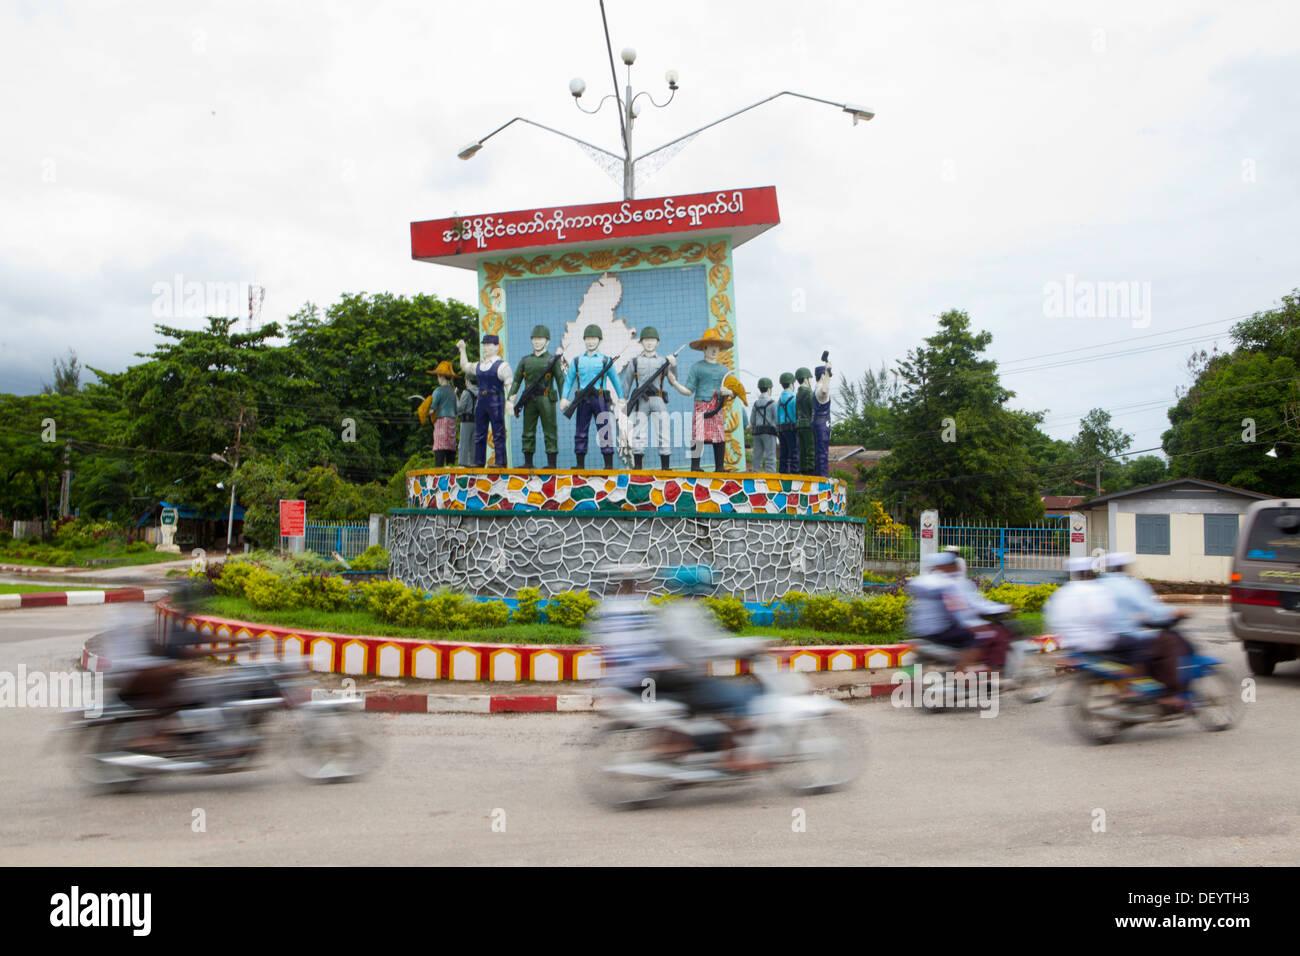 Leute fahren von Statuen an einem Kreisverkehr in Mawlamyine. Stockbild